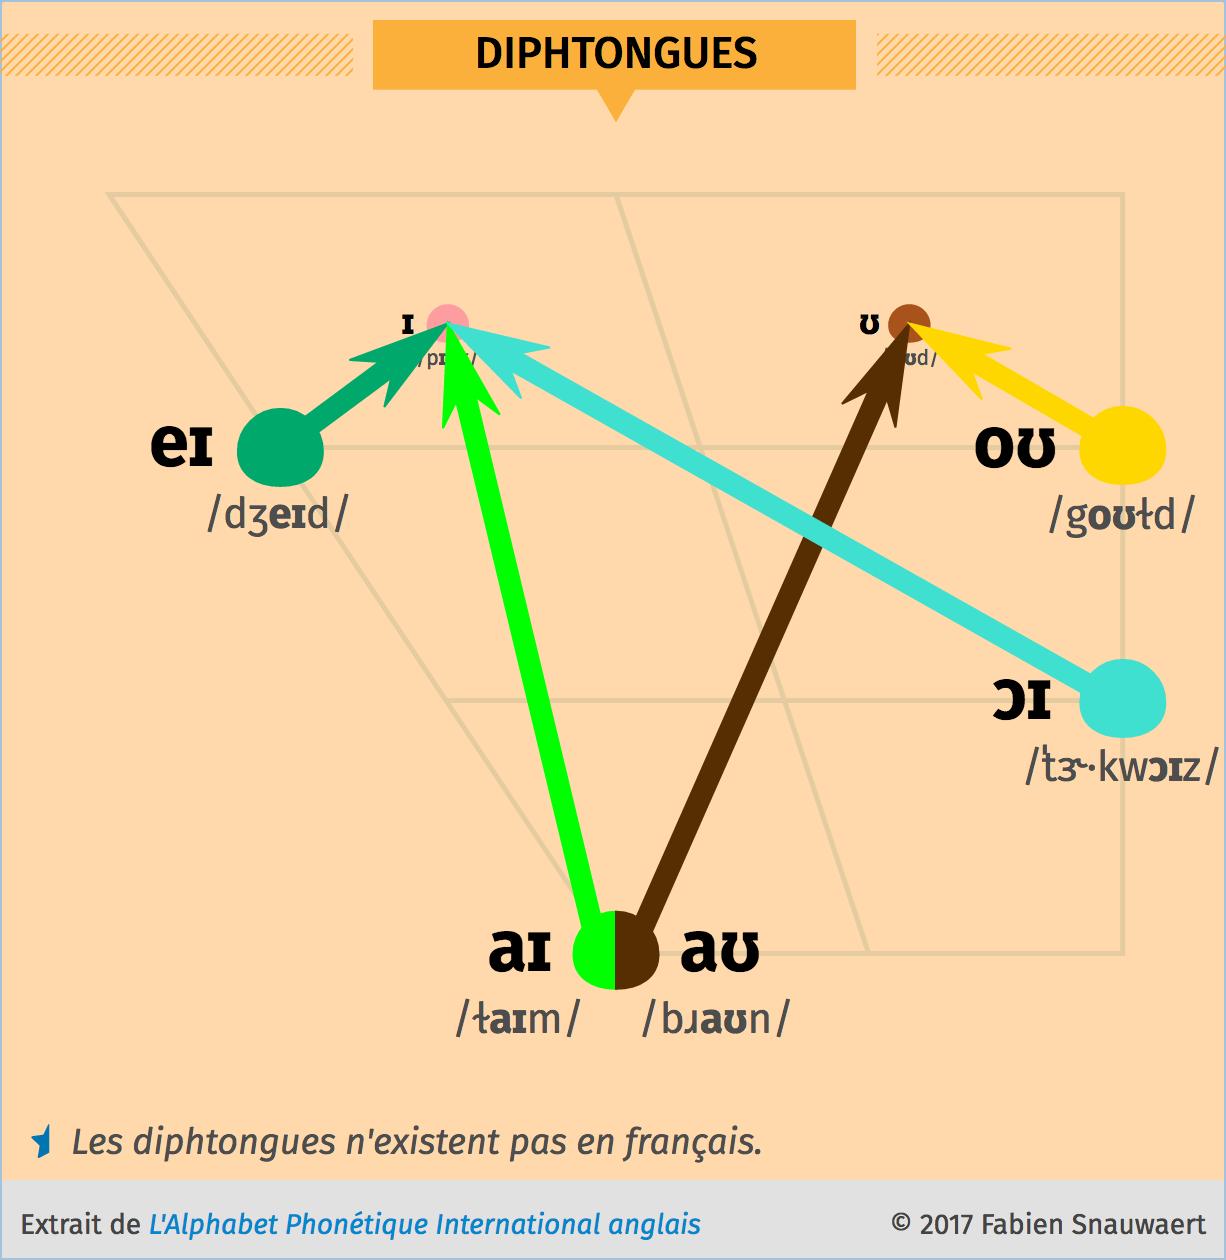 Diagramme des diphtongues en anglais (PNG)